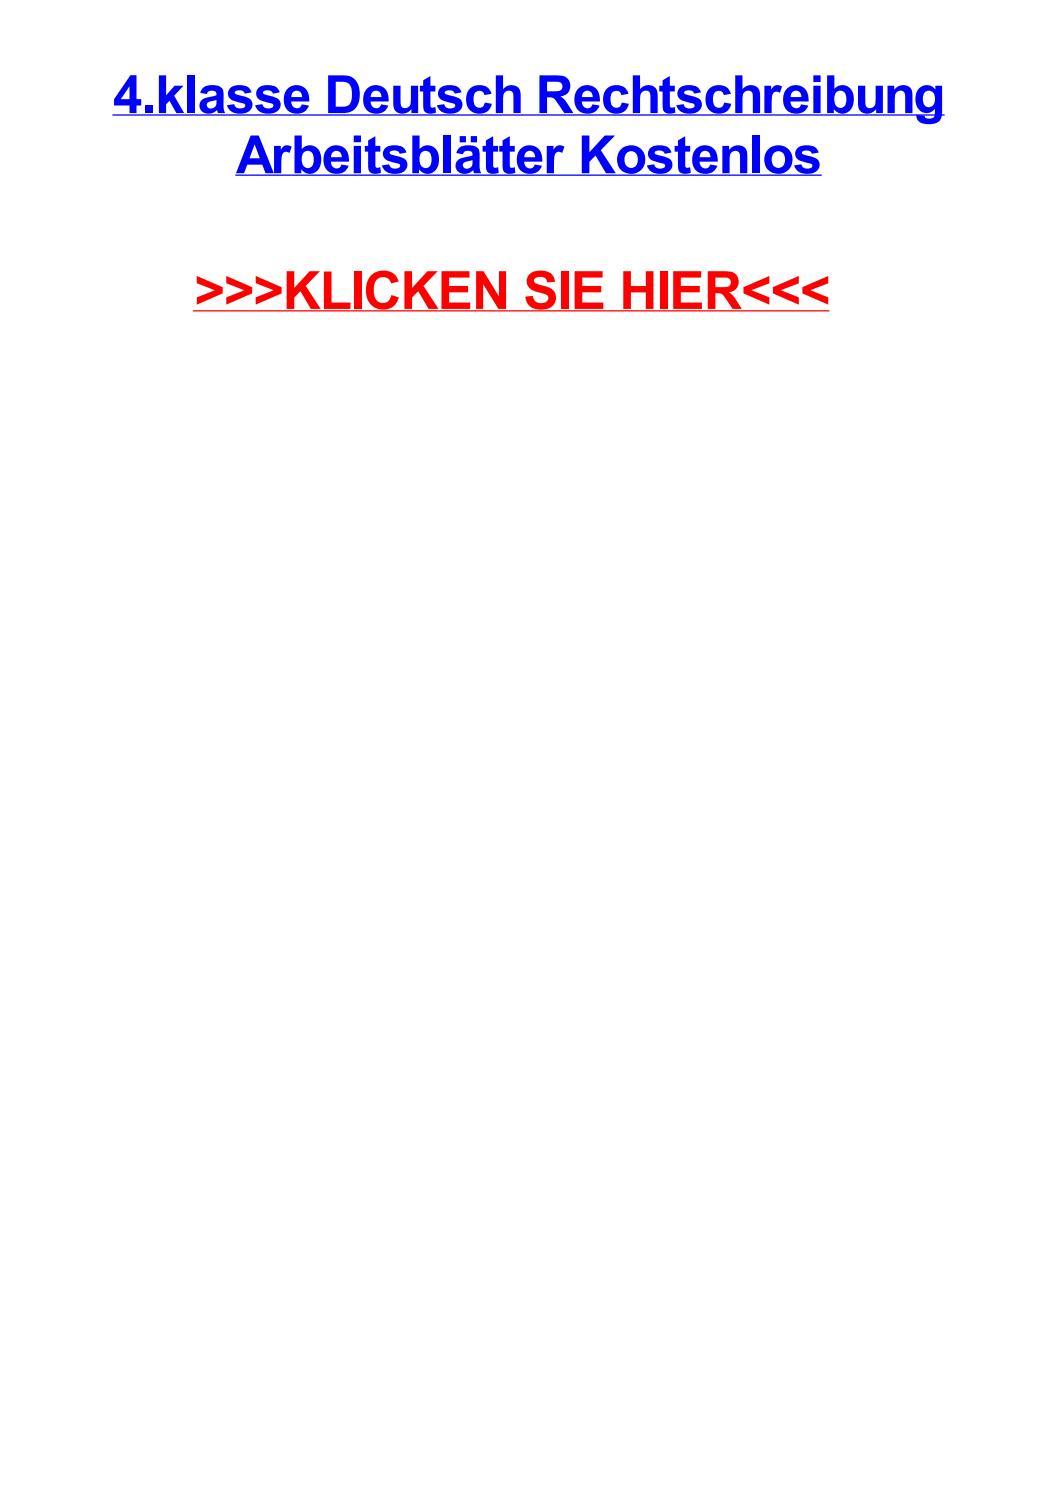 4 klasse deutsch rechtschreibung arbeitsbltter kostenlos by ...